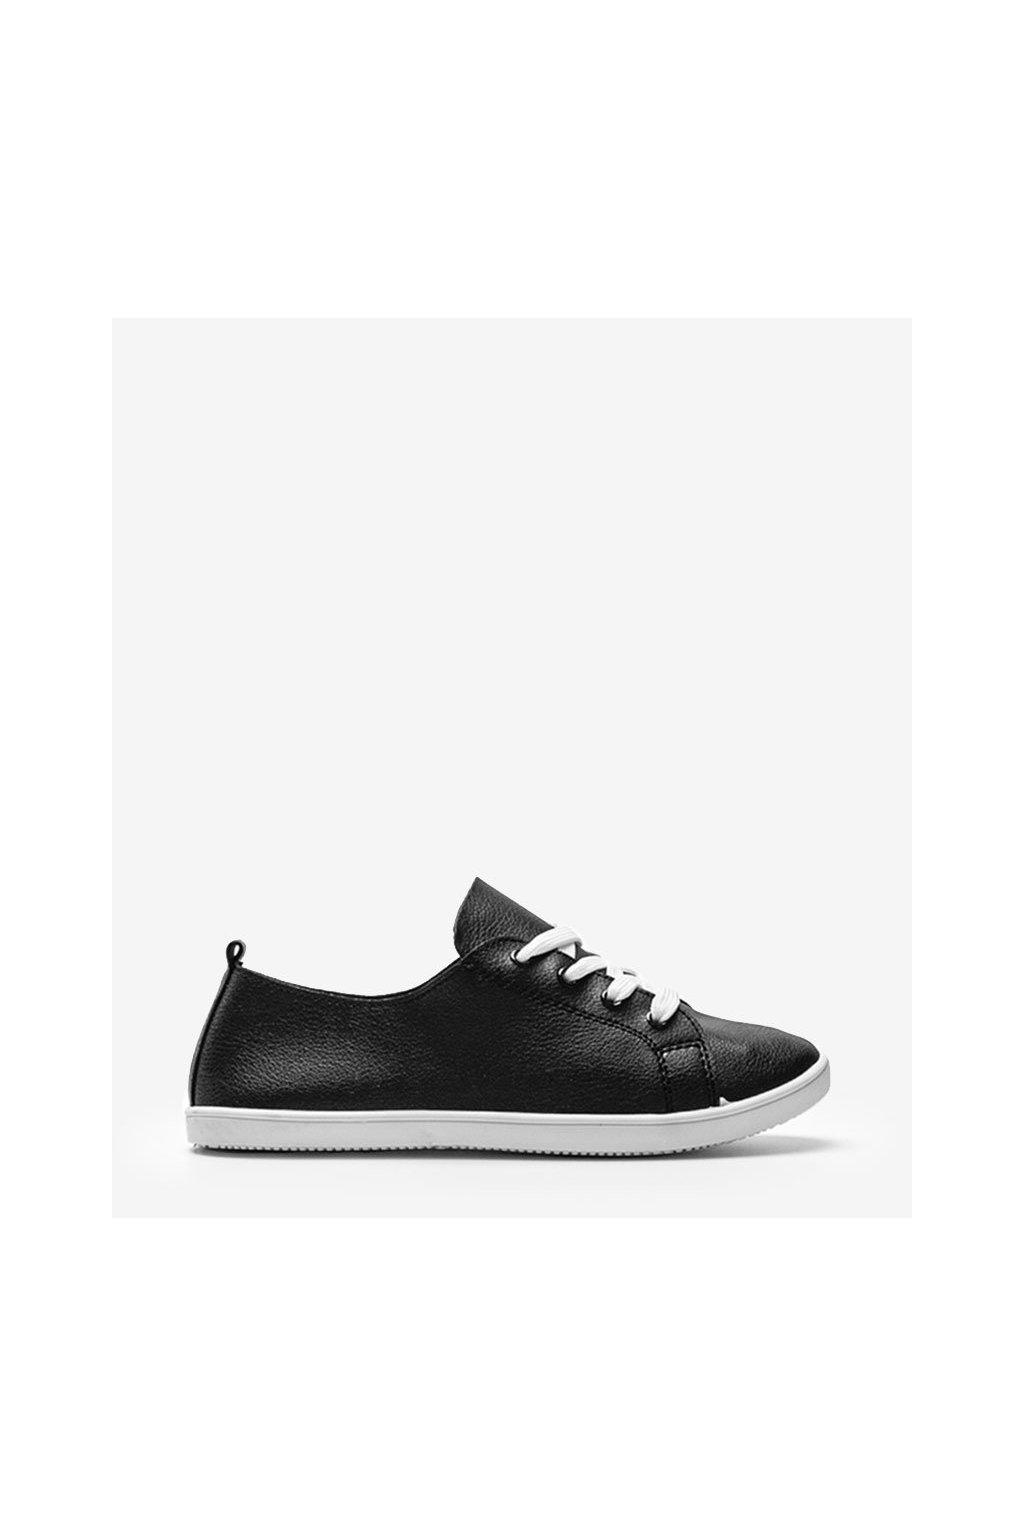 Dámske topánky tenisky čierne kód 6226 - GM